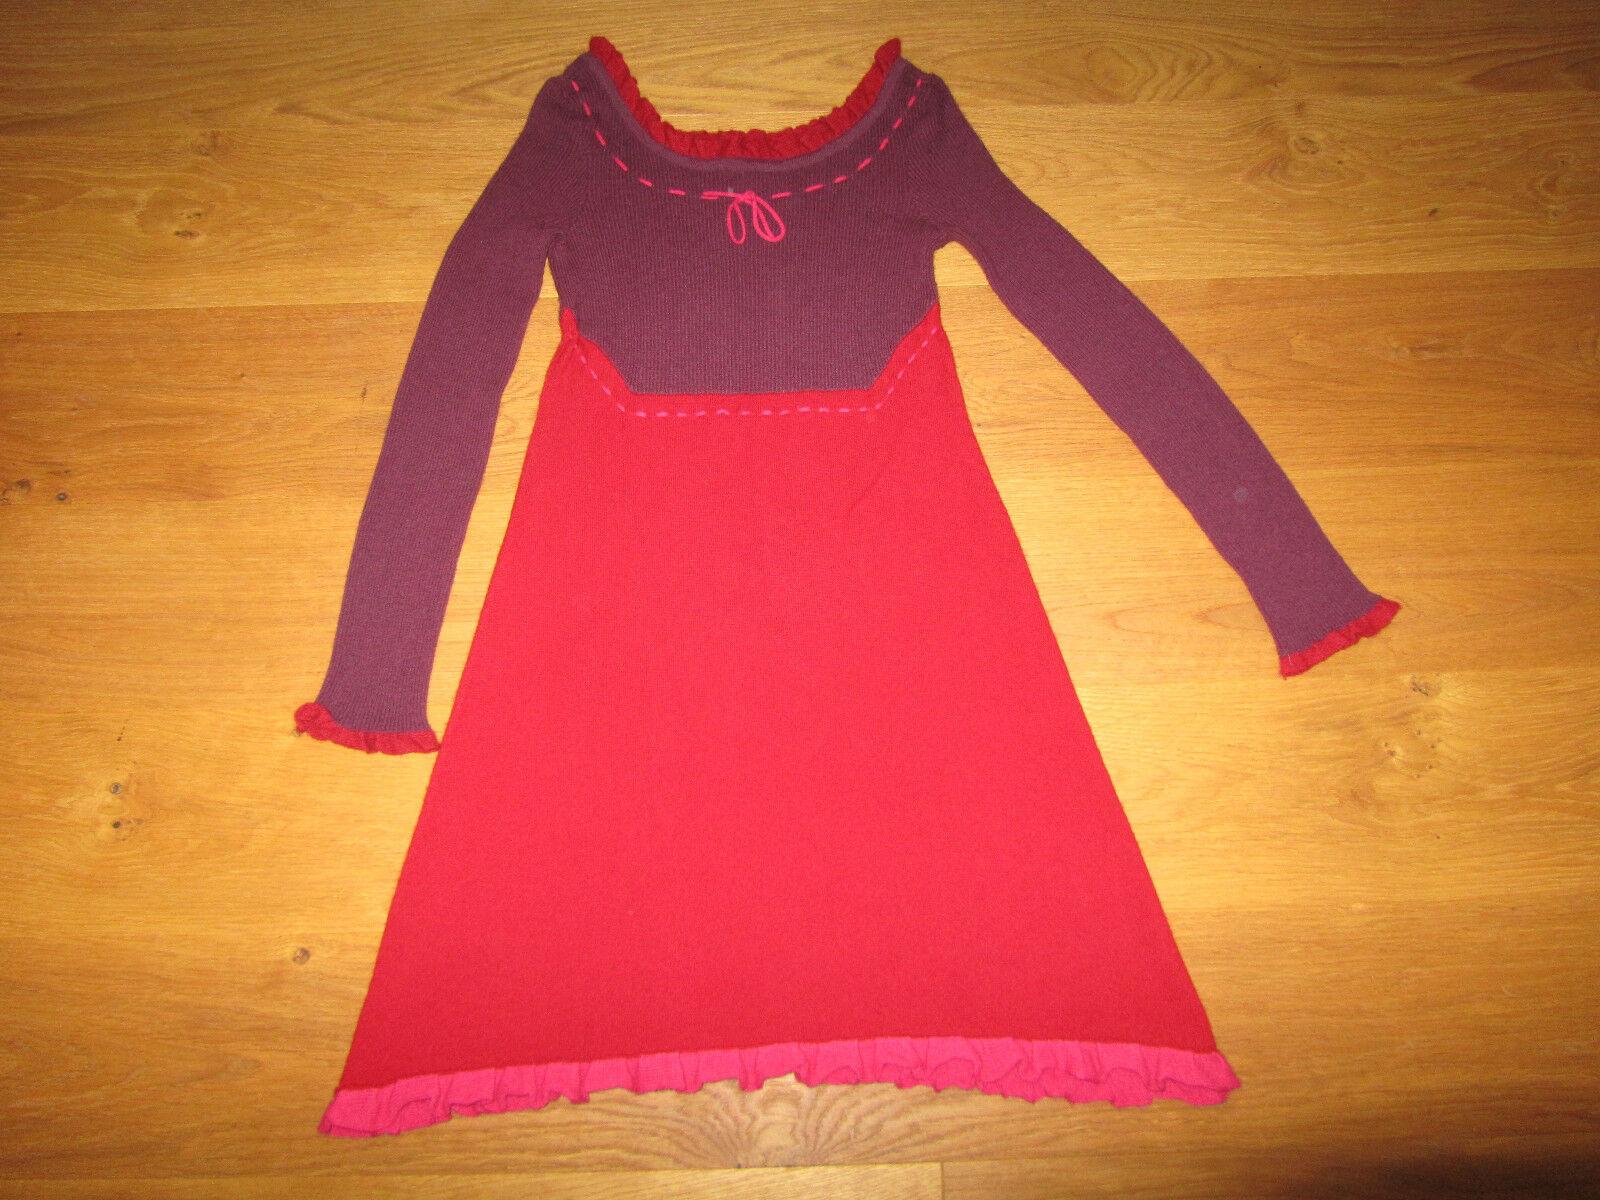 63858cb0dd7fee Luxus Designer Kleid 100% Kaschmir Mongolei neuwertig Gr S bzw 36-38  nwinbg3456-Kleider